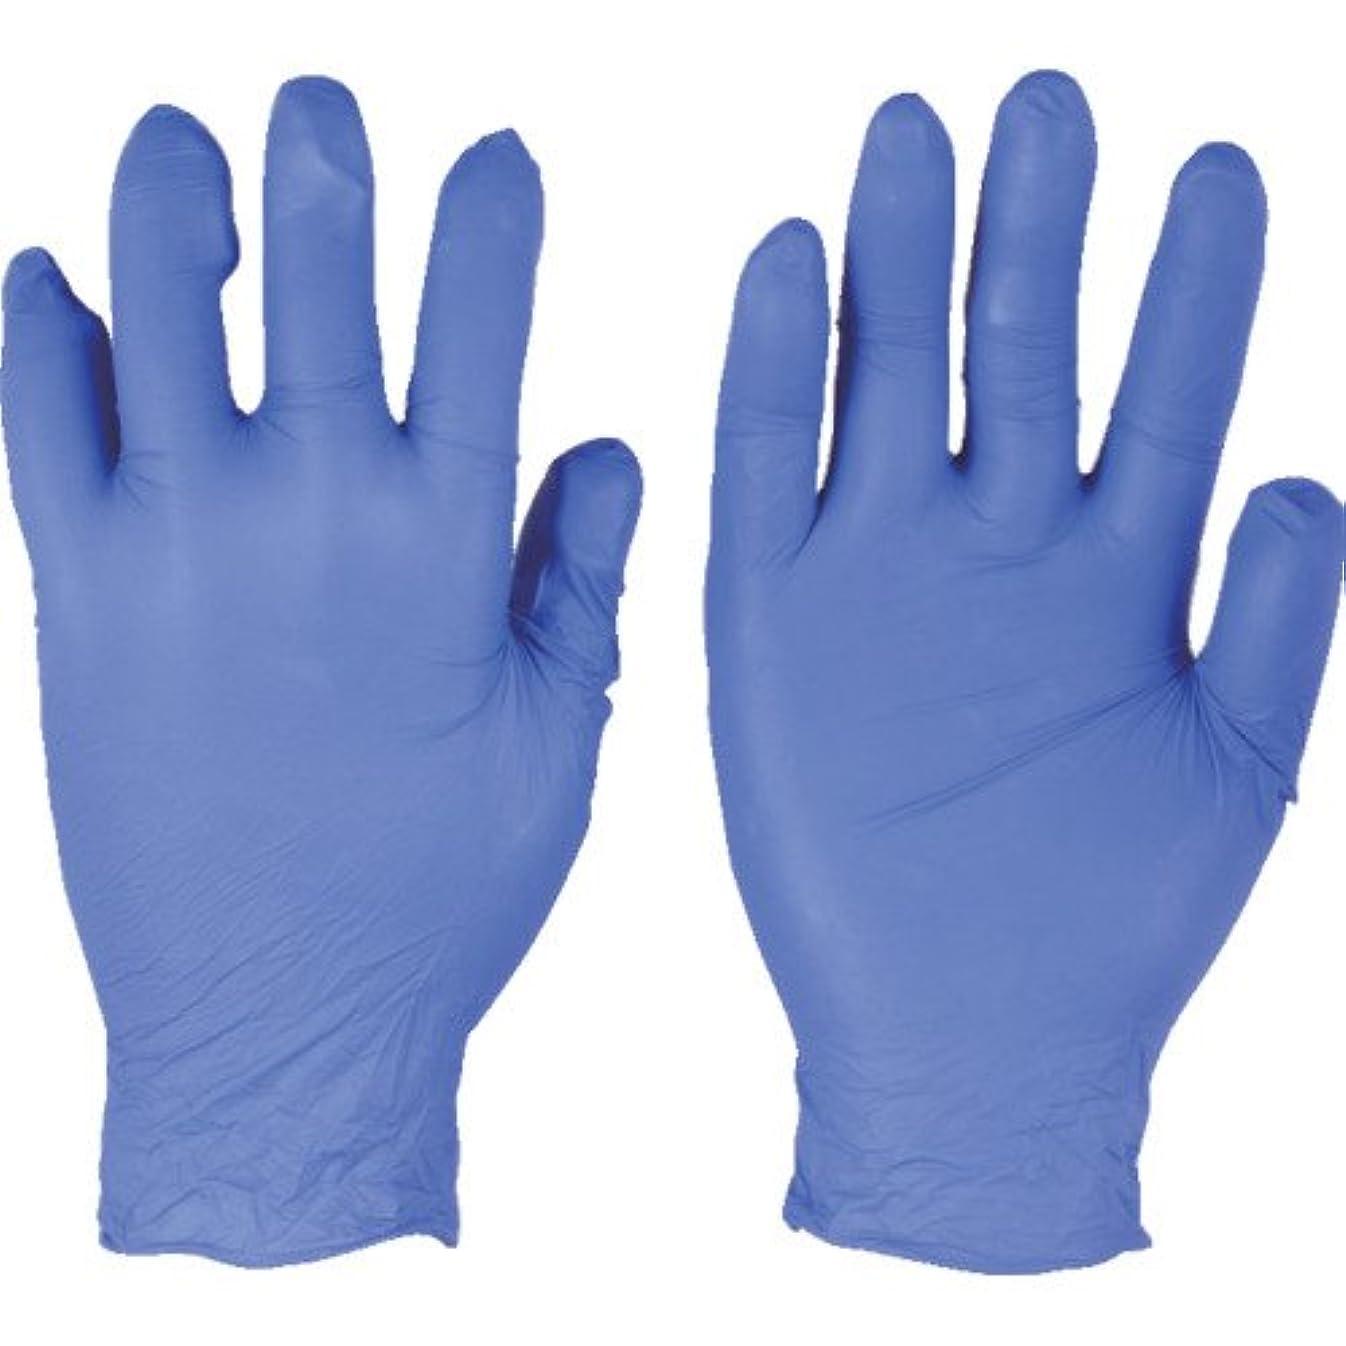 同化する日付ボーダートラスコ中山 アンセル ニトリルゴム使い捨て手袋 エッジ 82-133 XLサイズ(250枚入)   8213310